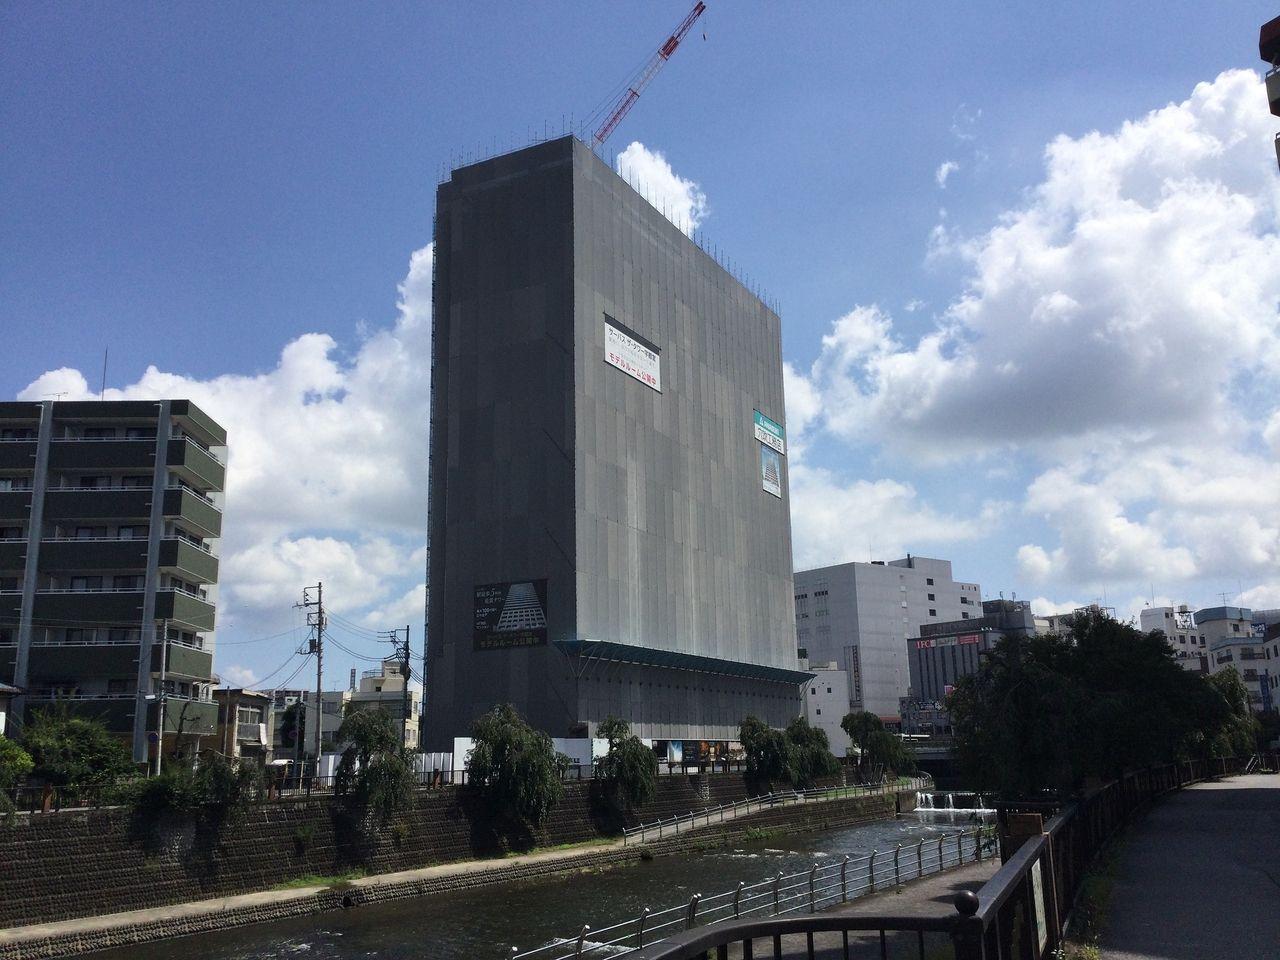 宇都宮新築マンション サーパス・ザ・タワー宇都宮